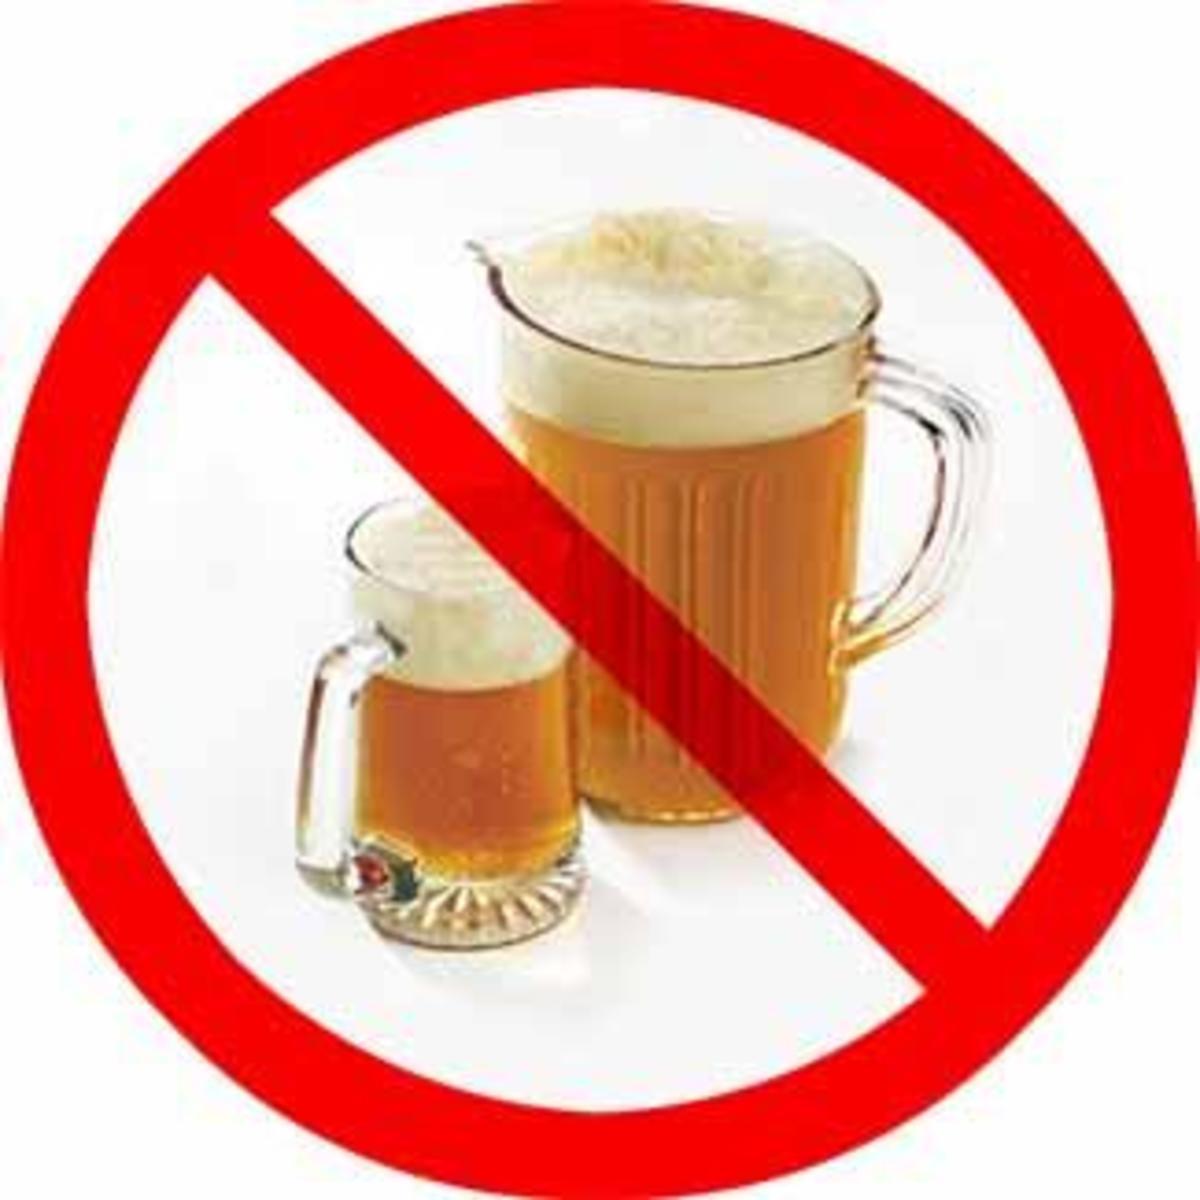 Got Pancreatitis? NO Alcohol!